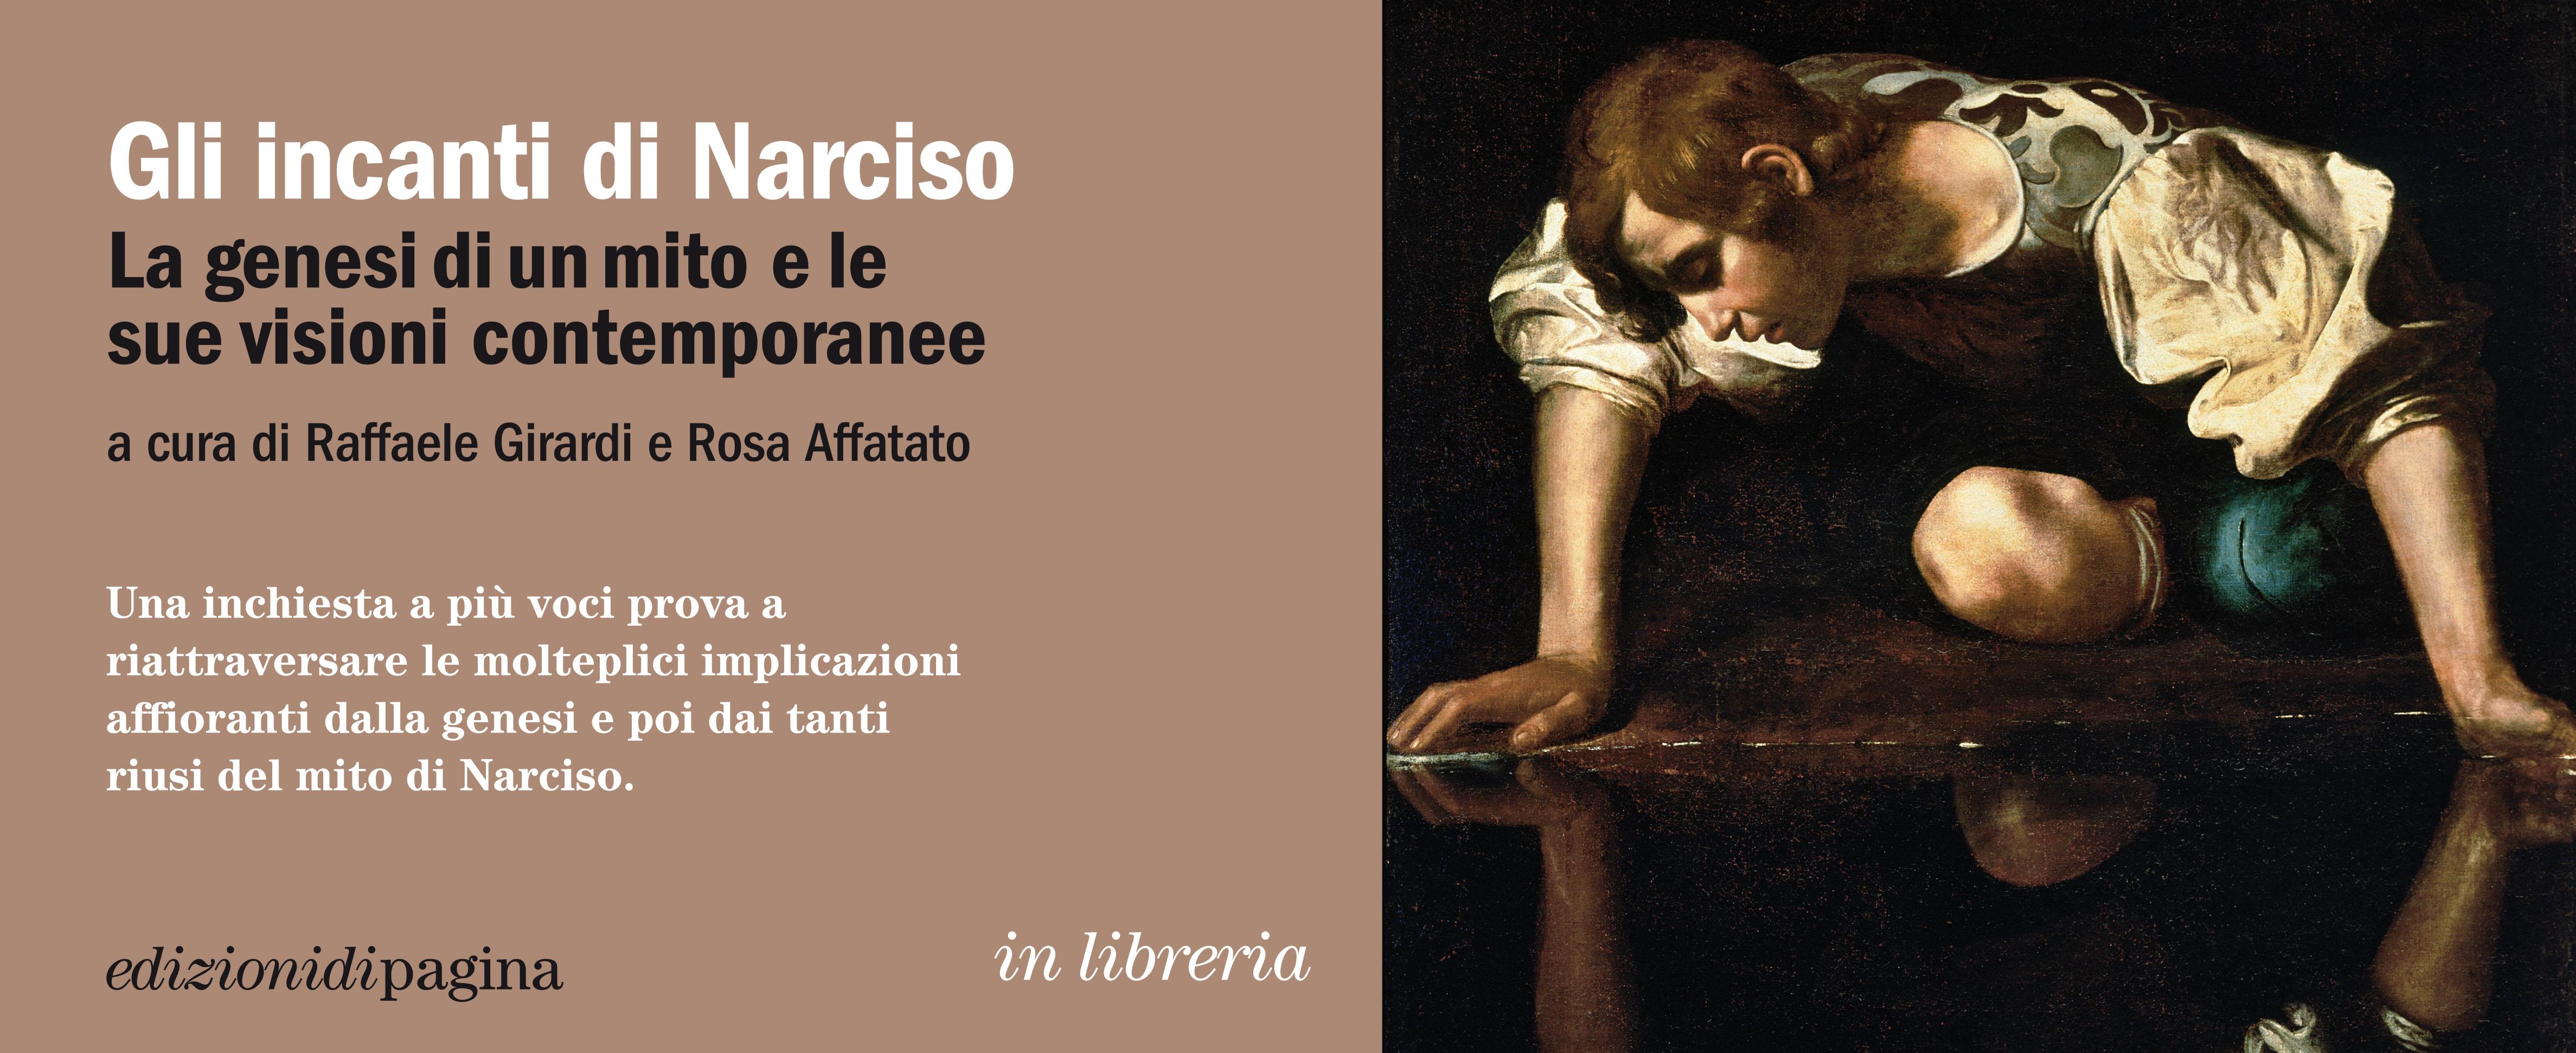 Novità Narciso